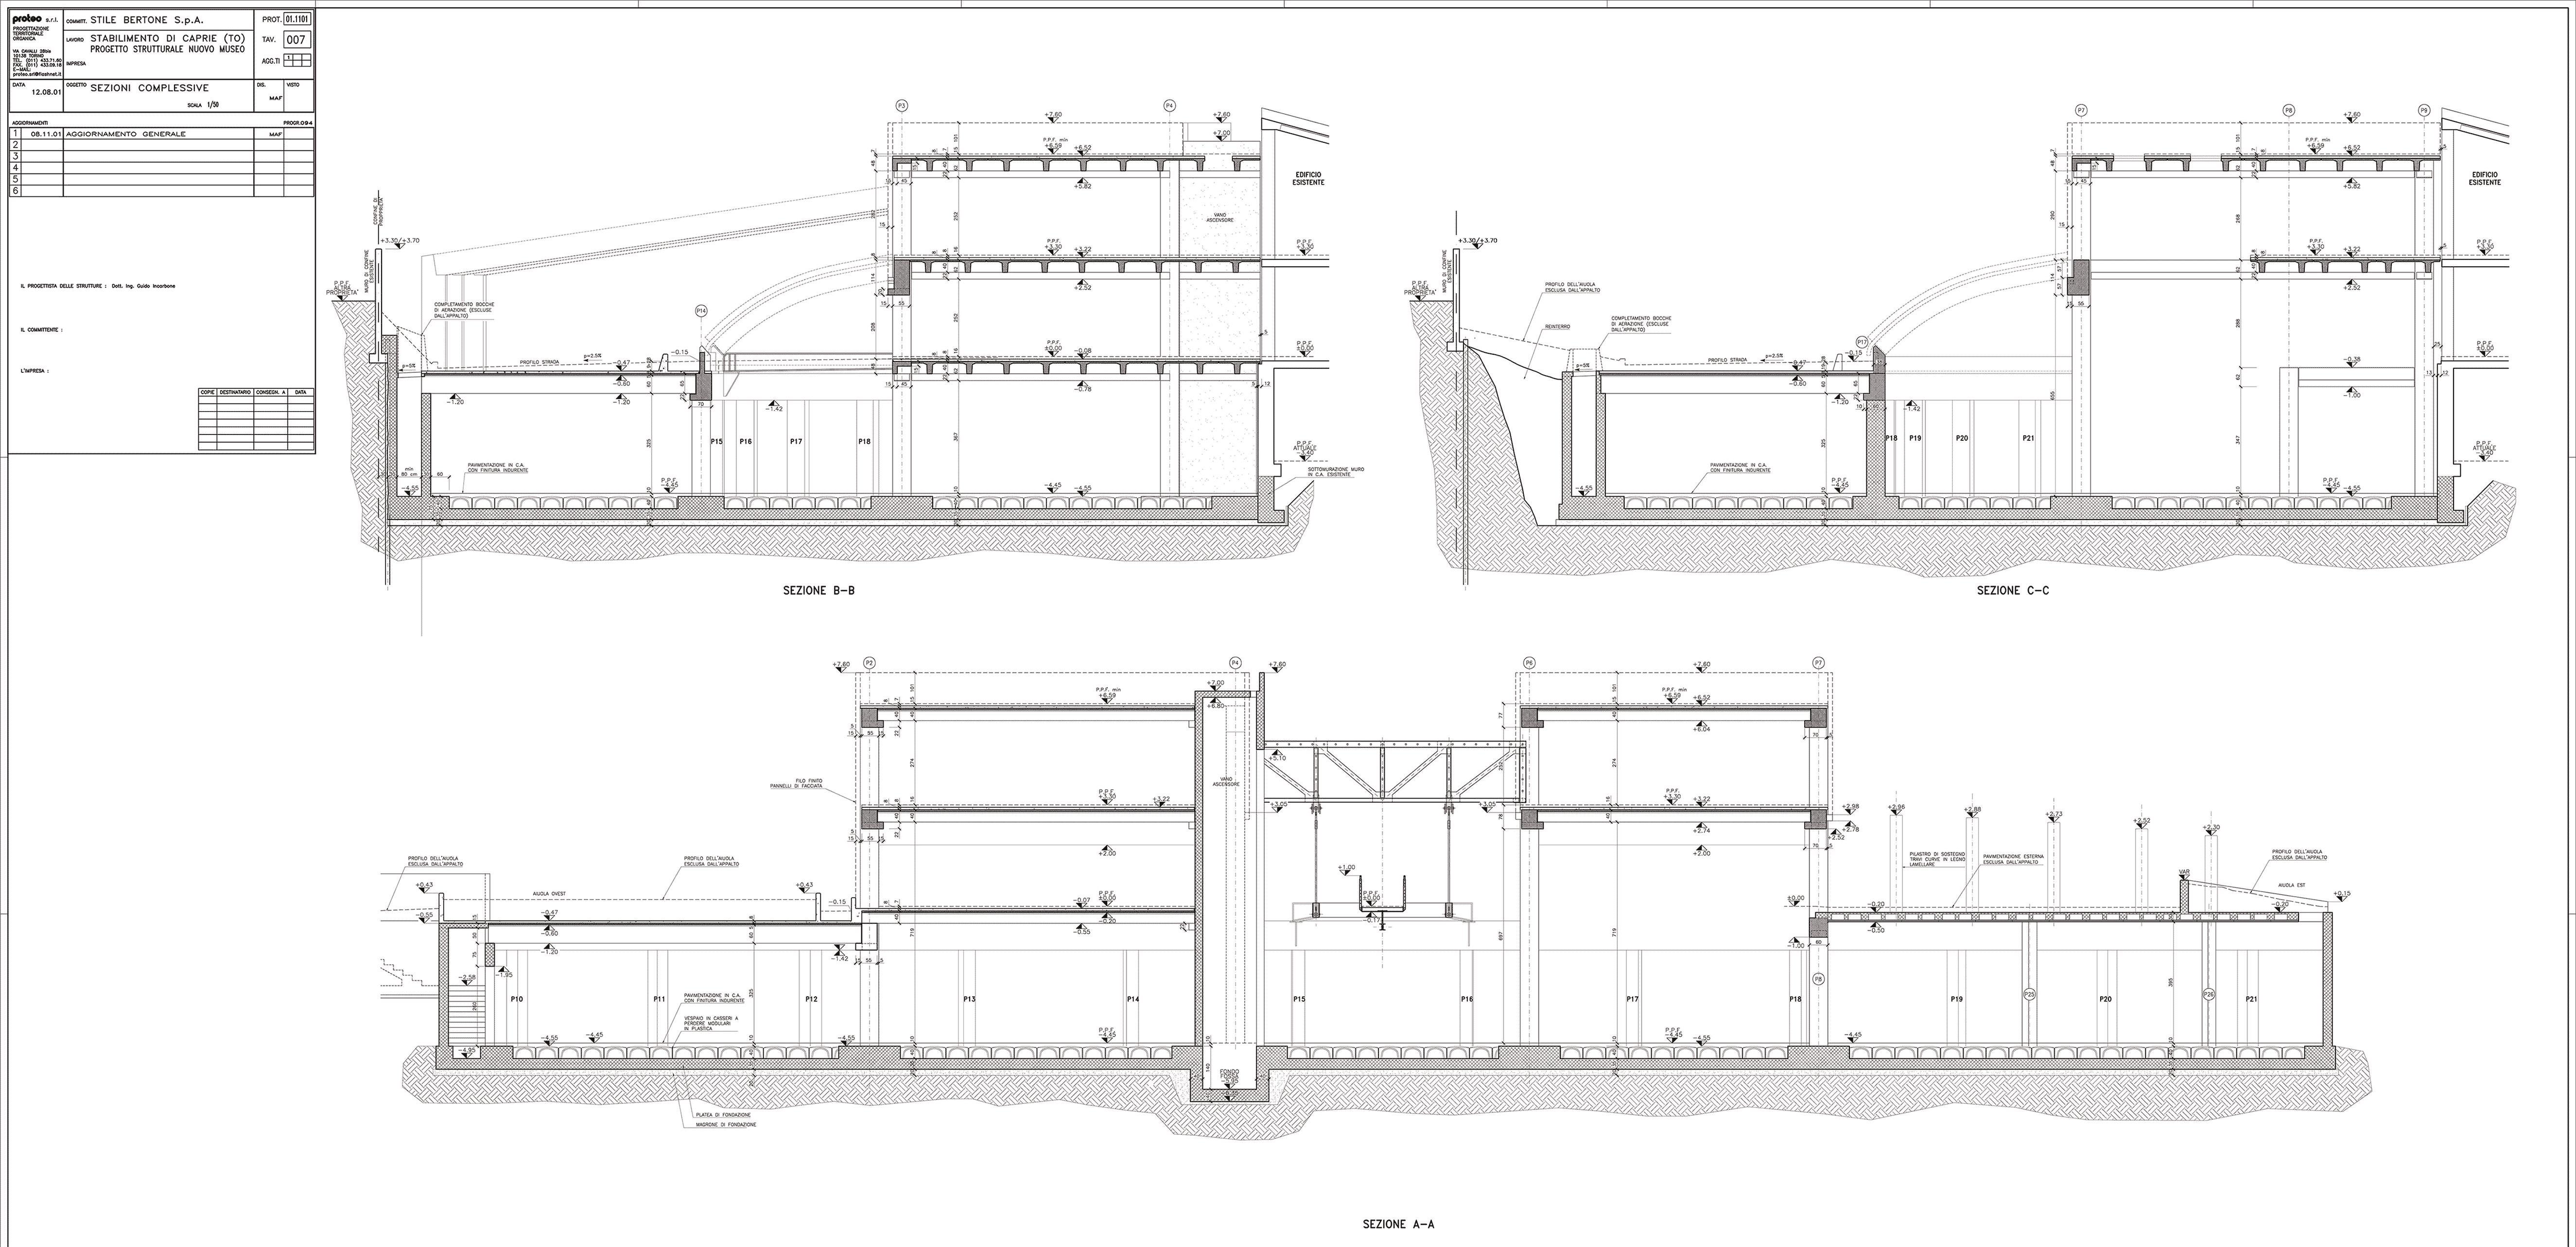 Museo stile bertone a caprie proteo - Costo ascensore interno 1 piano ...